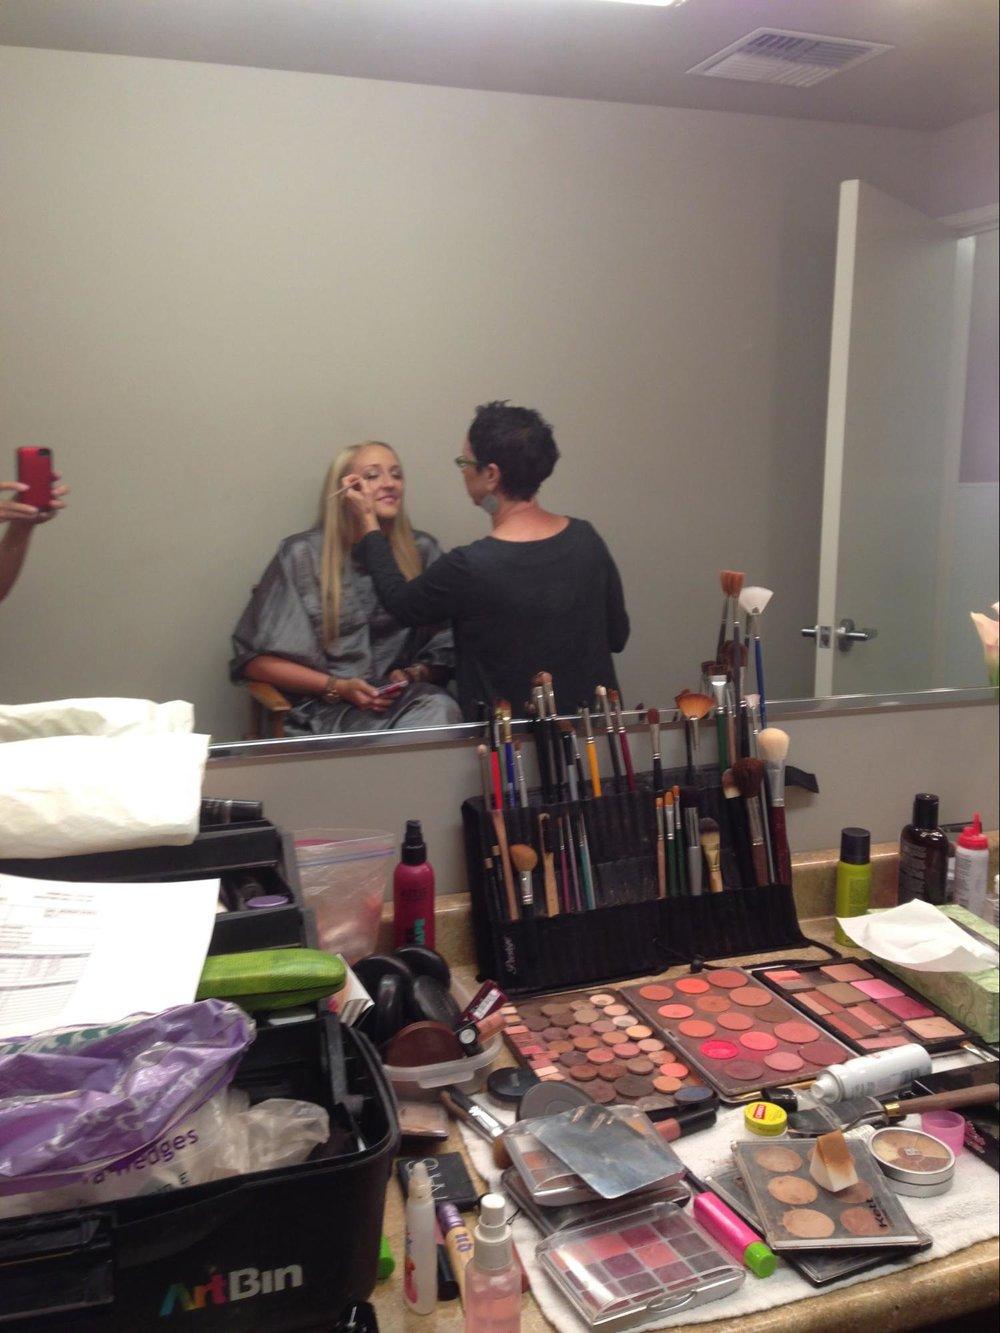 Jenny on makeup